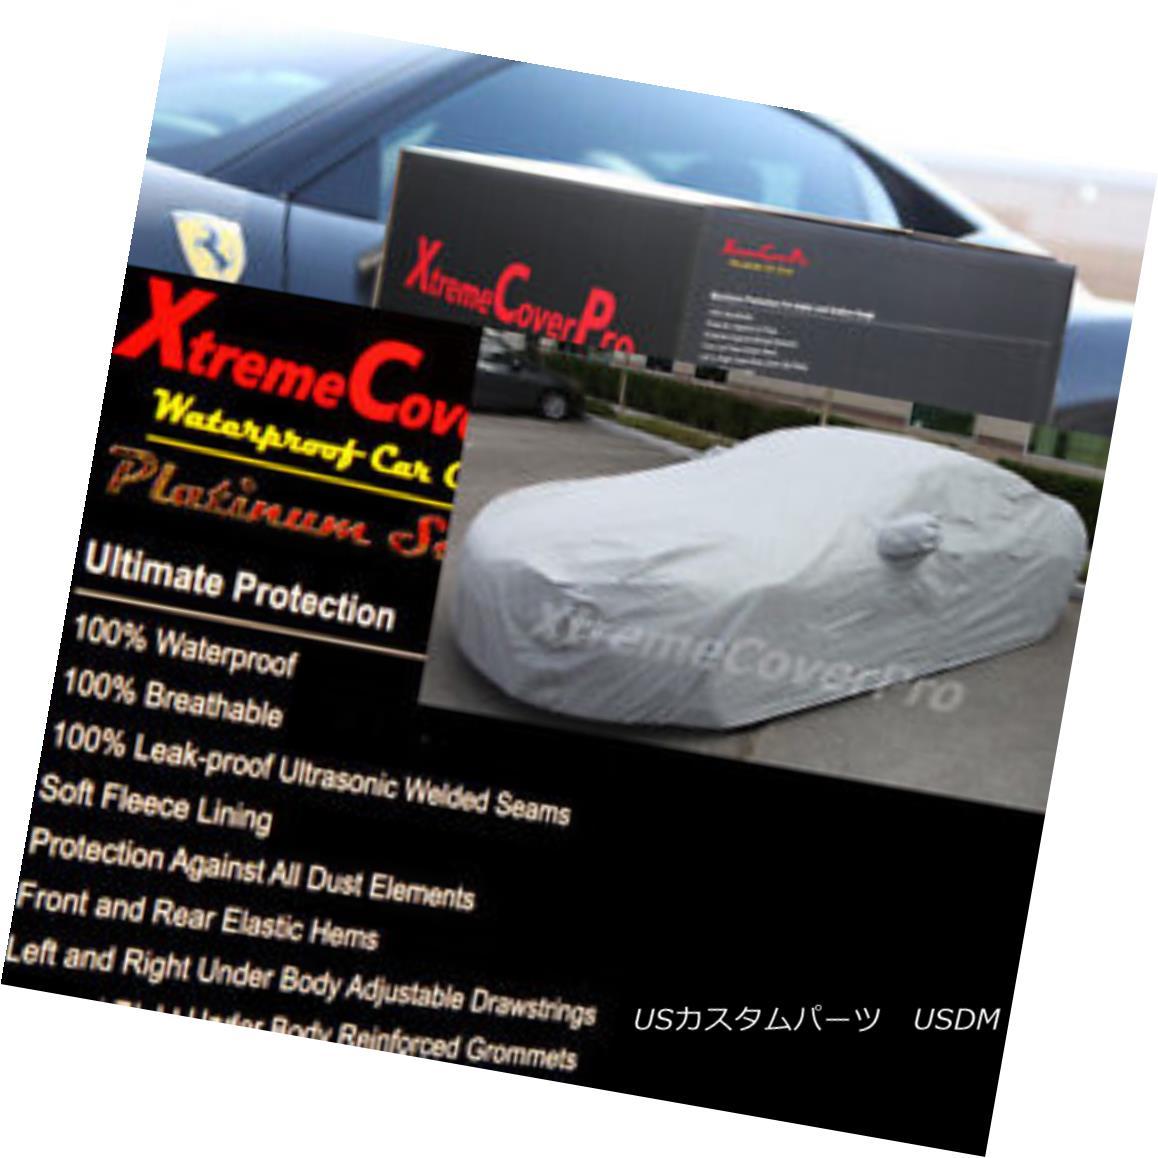 カーカバー 2013 Volvo C30 Waterproof Car Cover w/MirrorPocket 2013 Volvo C30防水カーカバー付きMirrorPocket